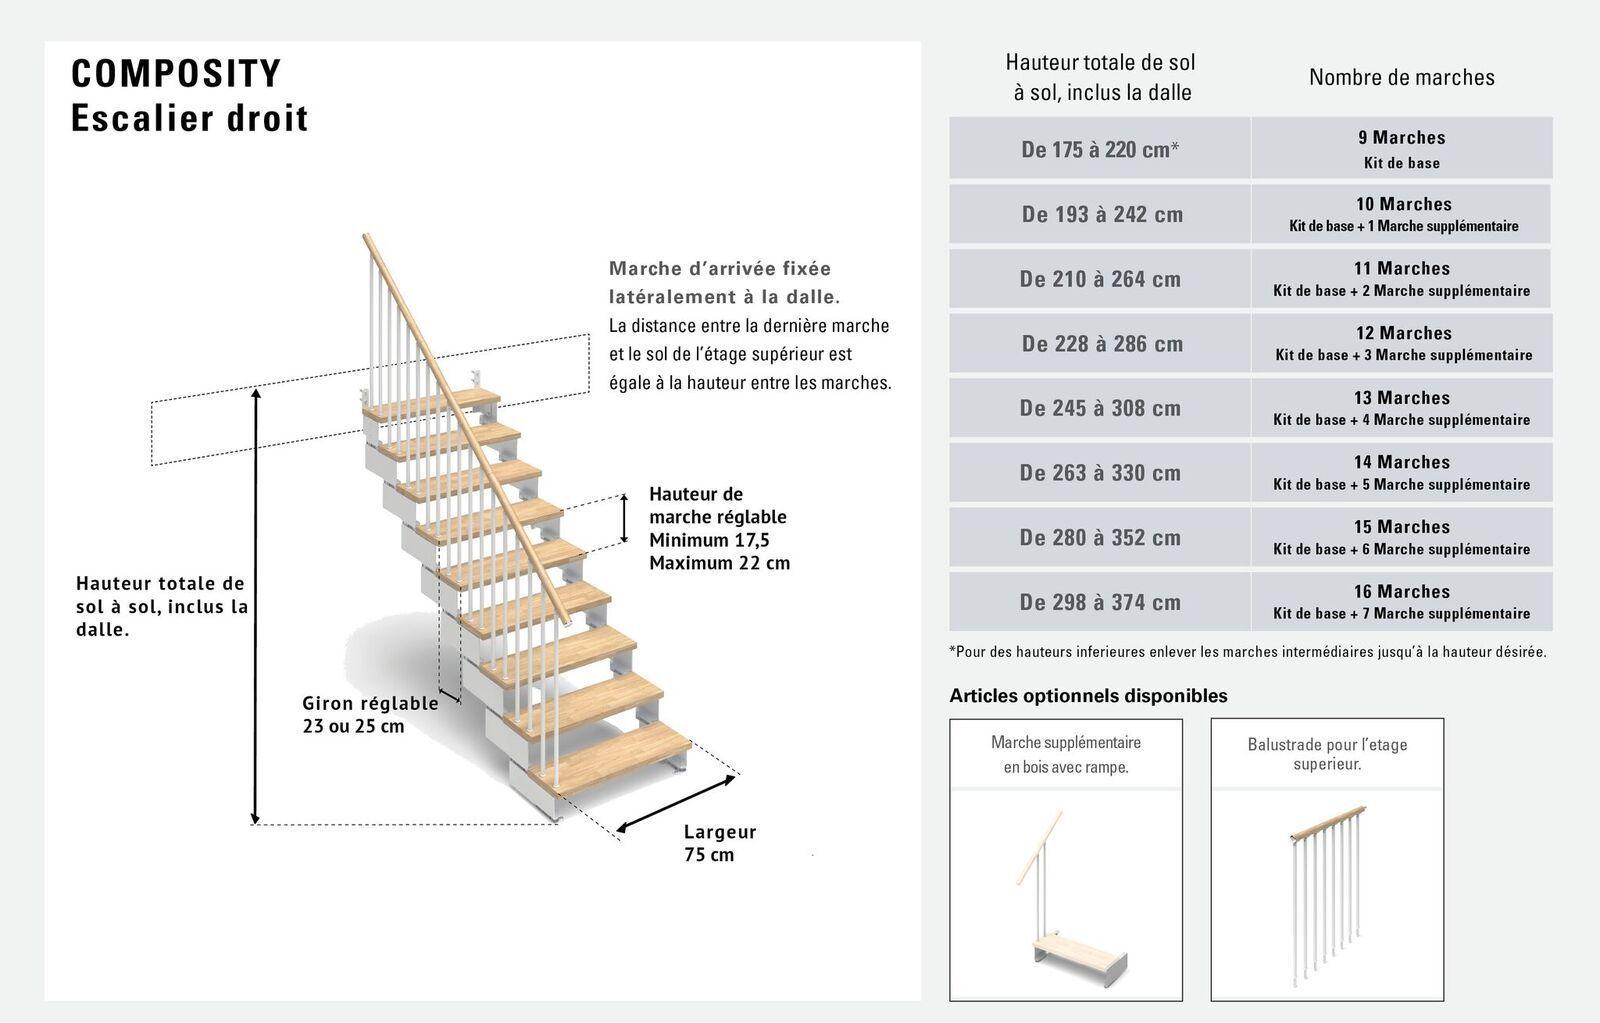 Escalier droit 9 marches en bois massif naturel ...